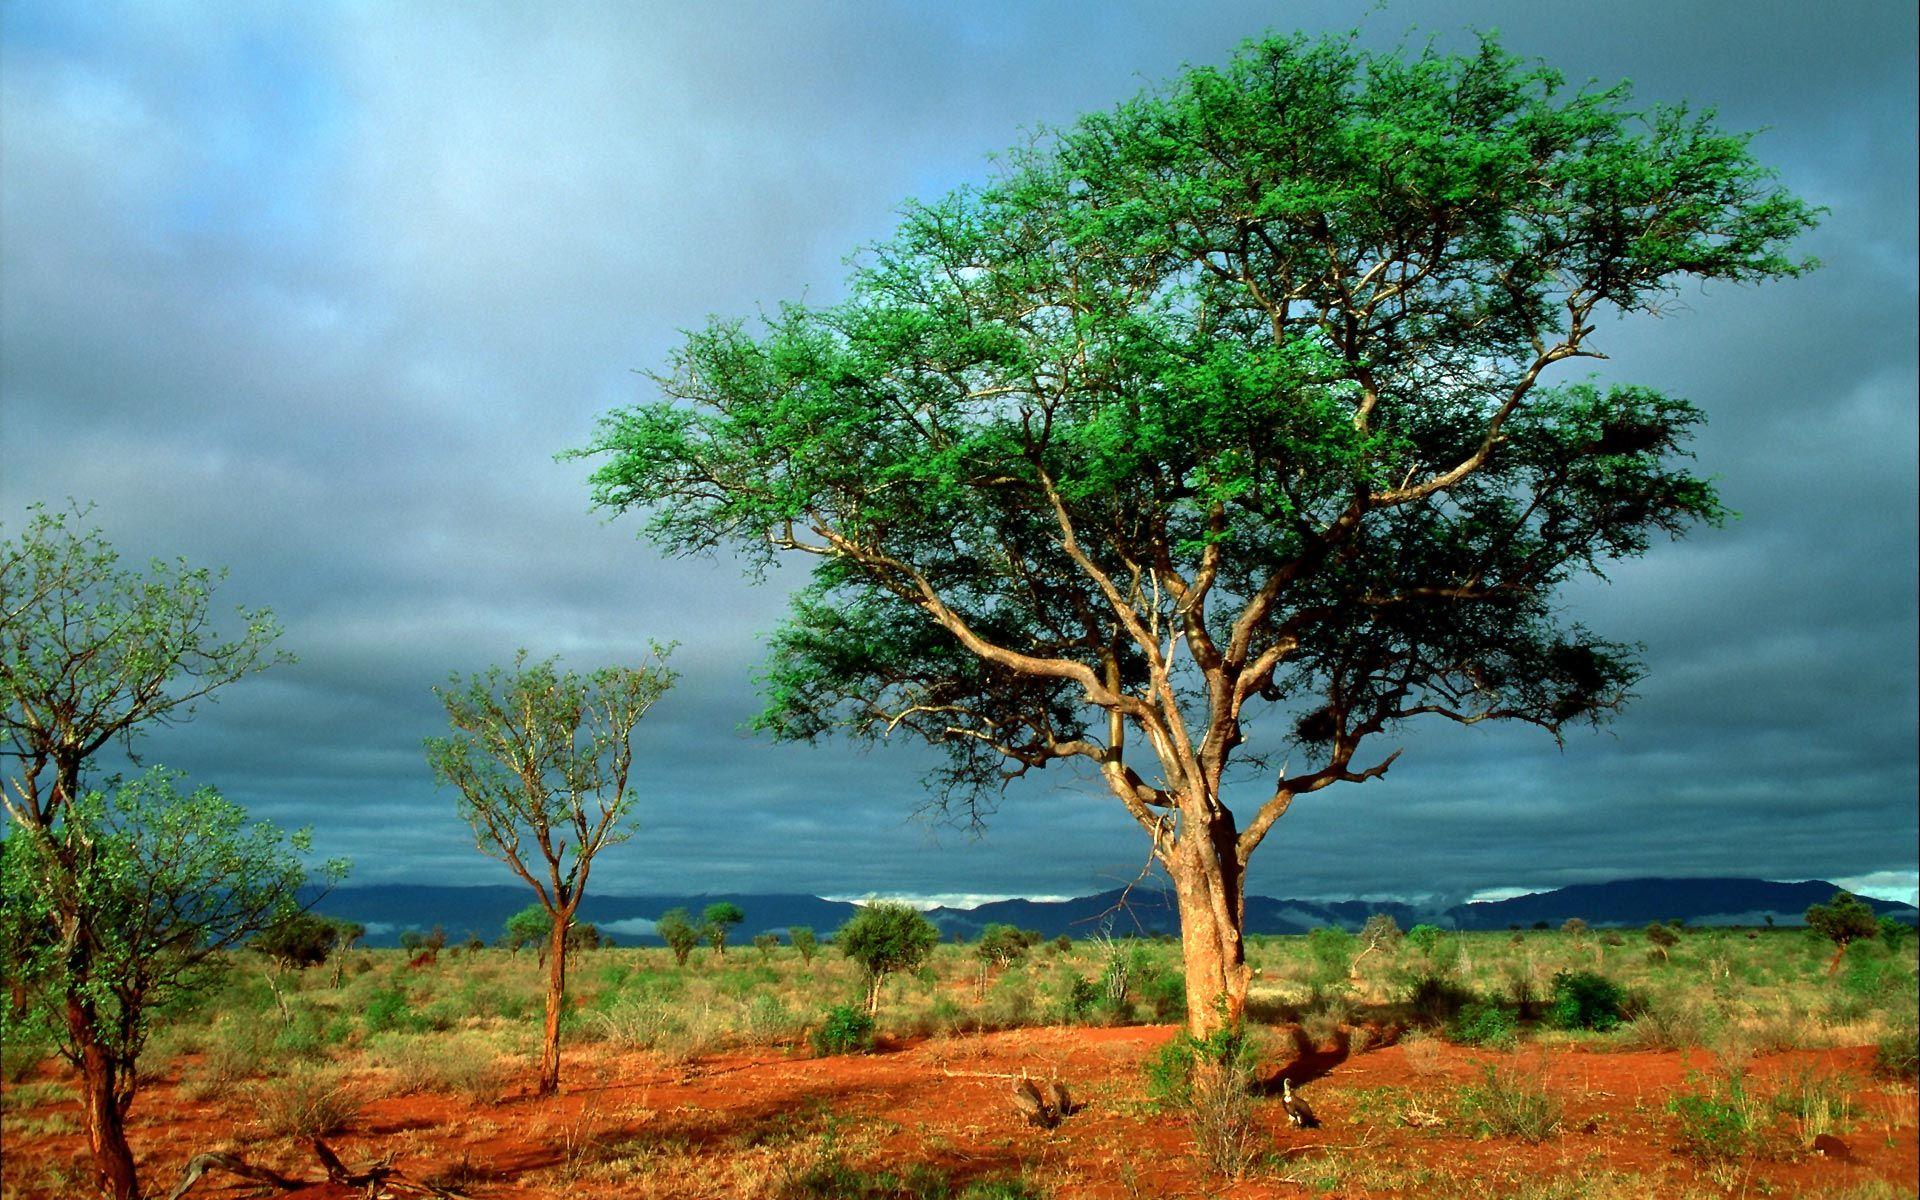 South Africa - Kruger